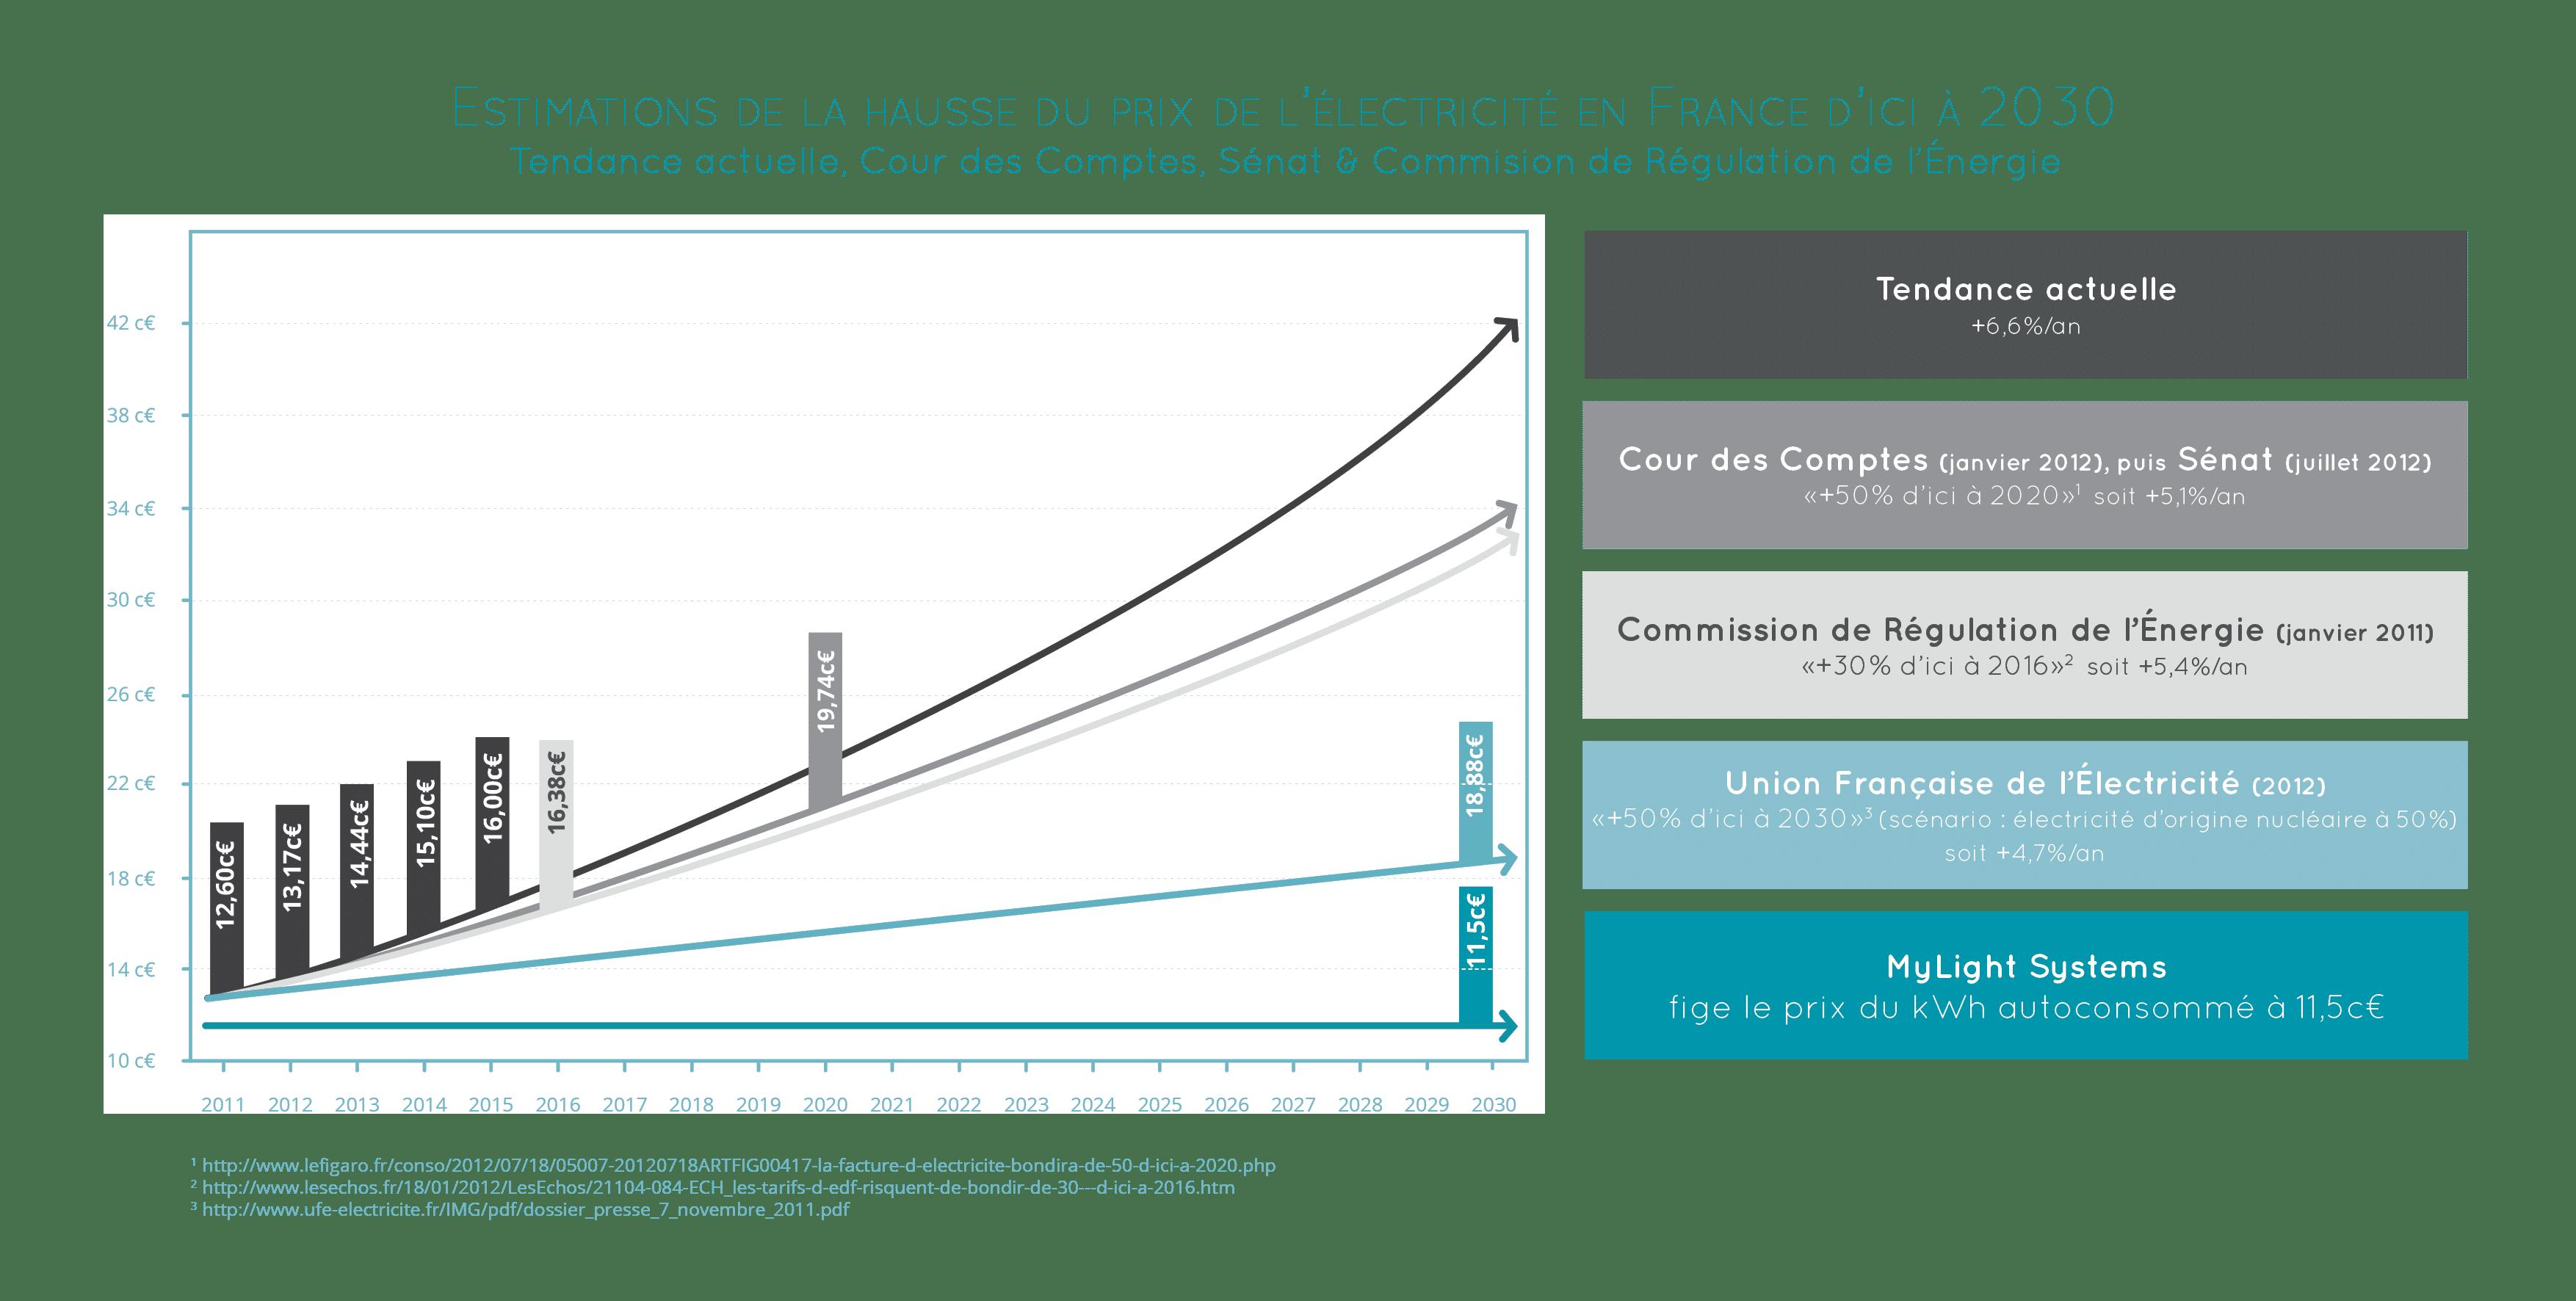 Hausse du prix de l'électricité en France d'ici 2030